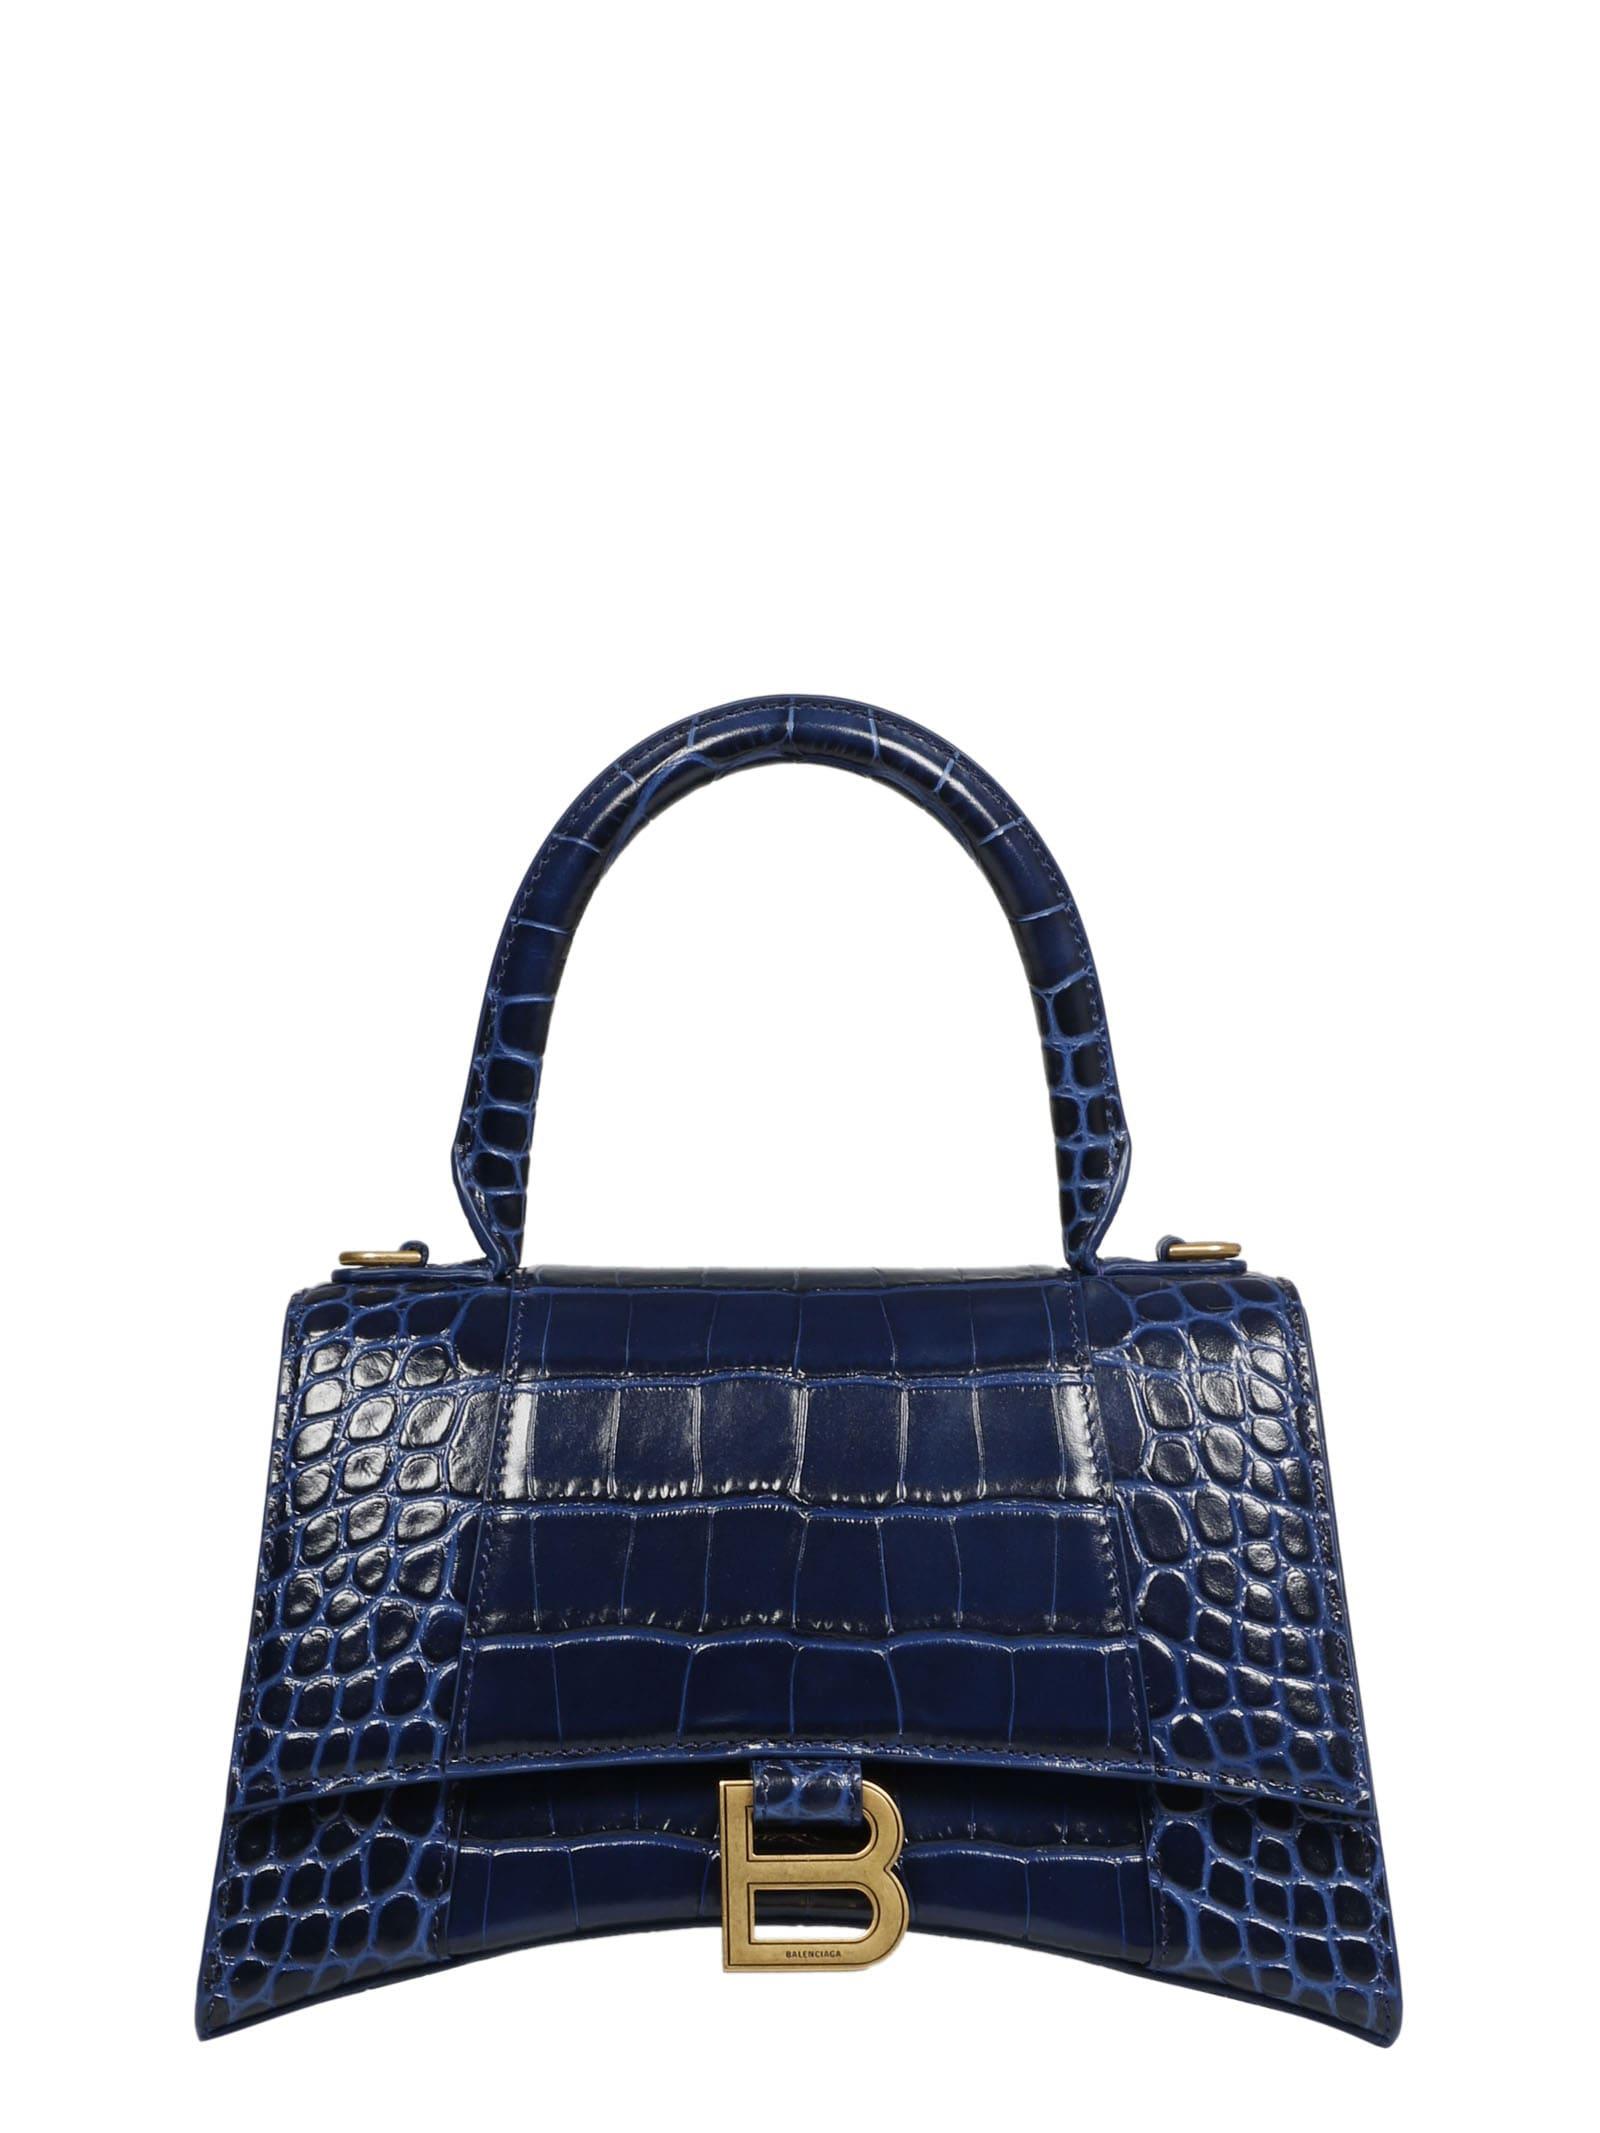 Balenciaga HOURGLASS SMALL BAG